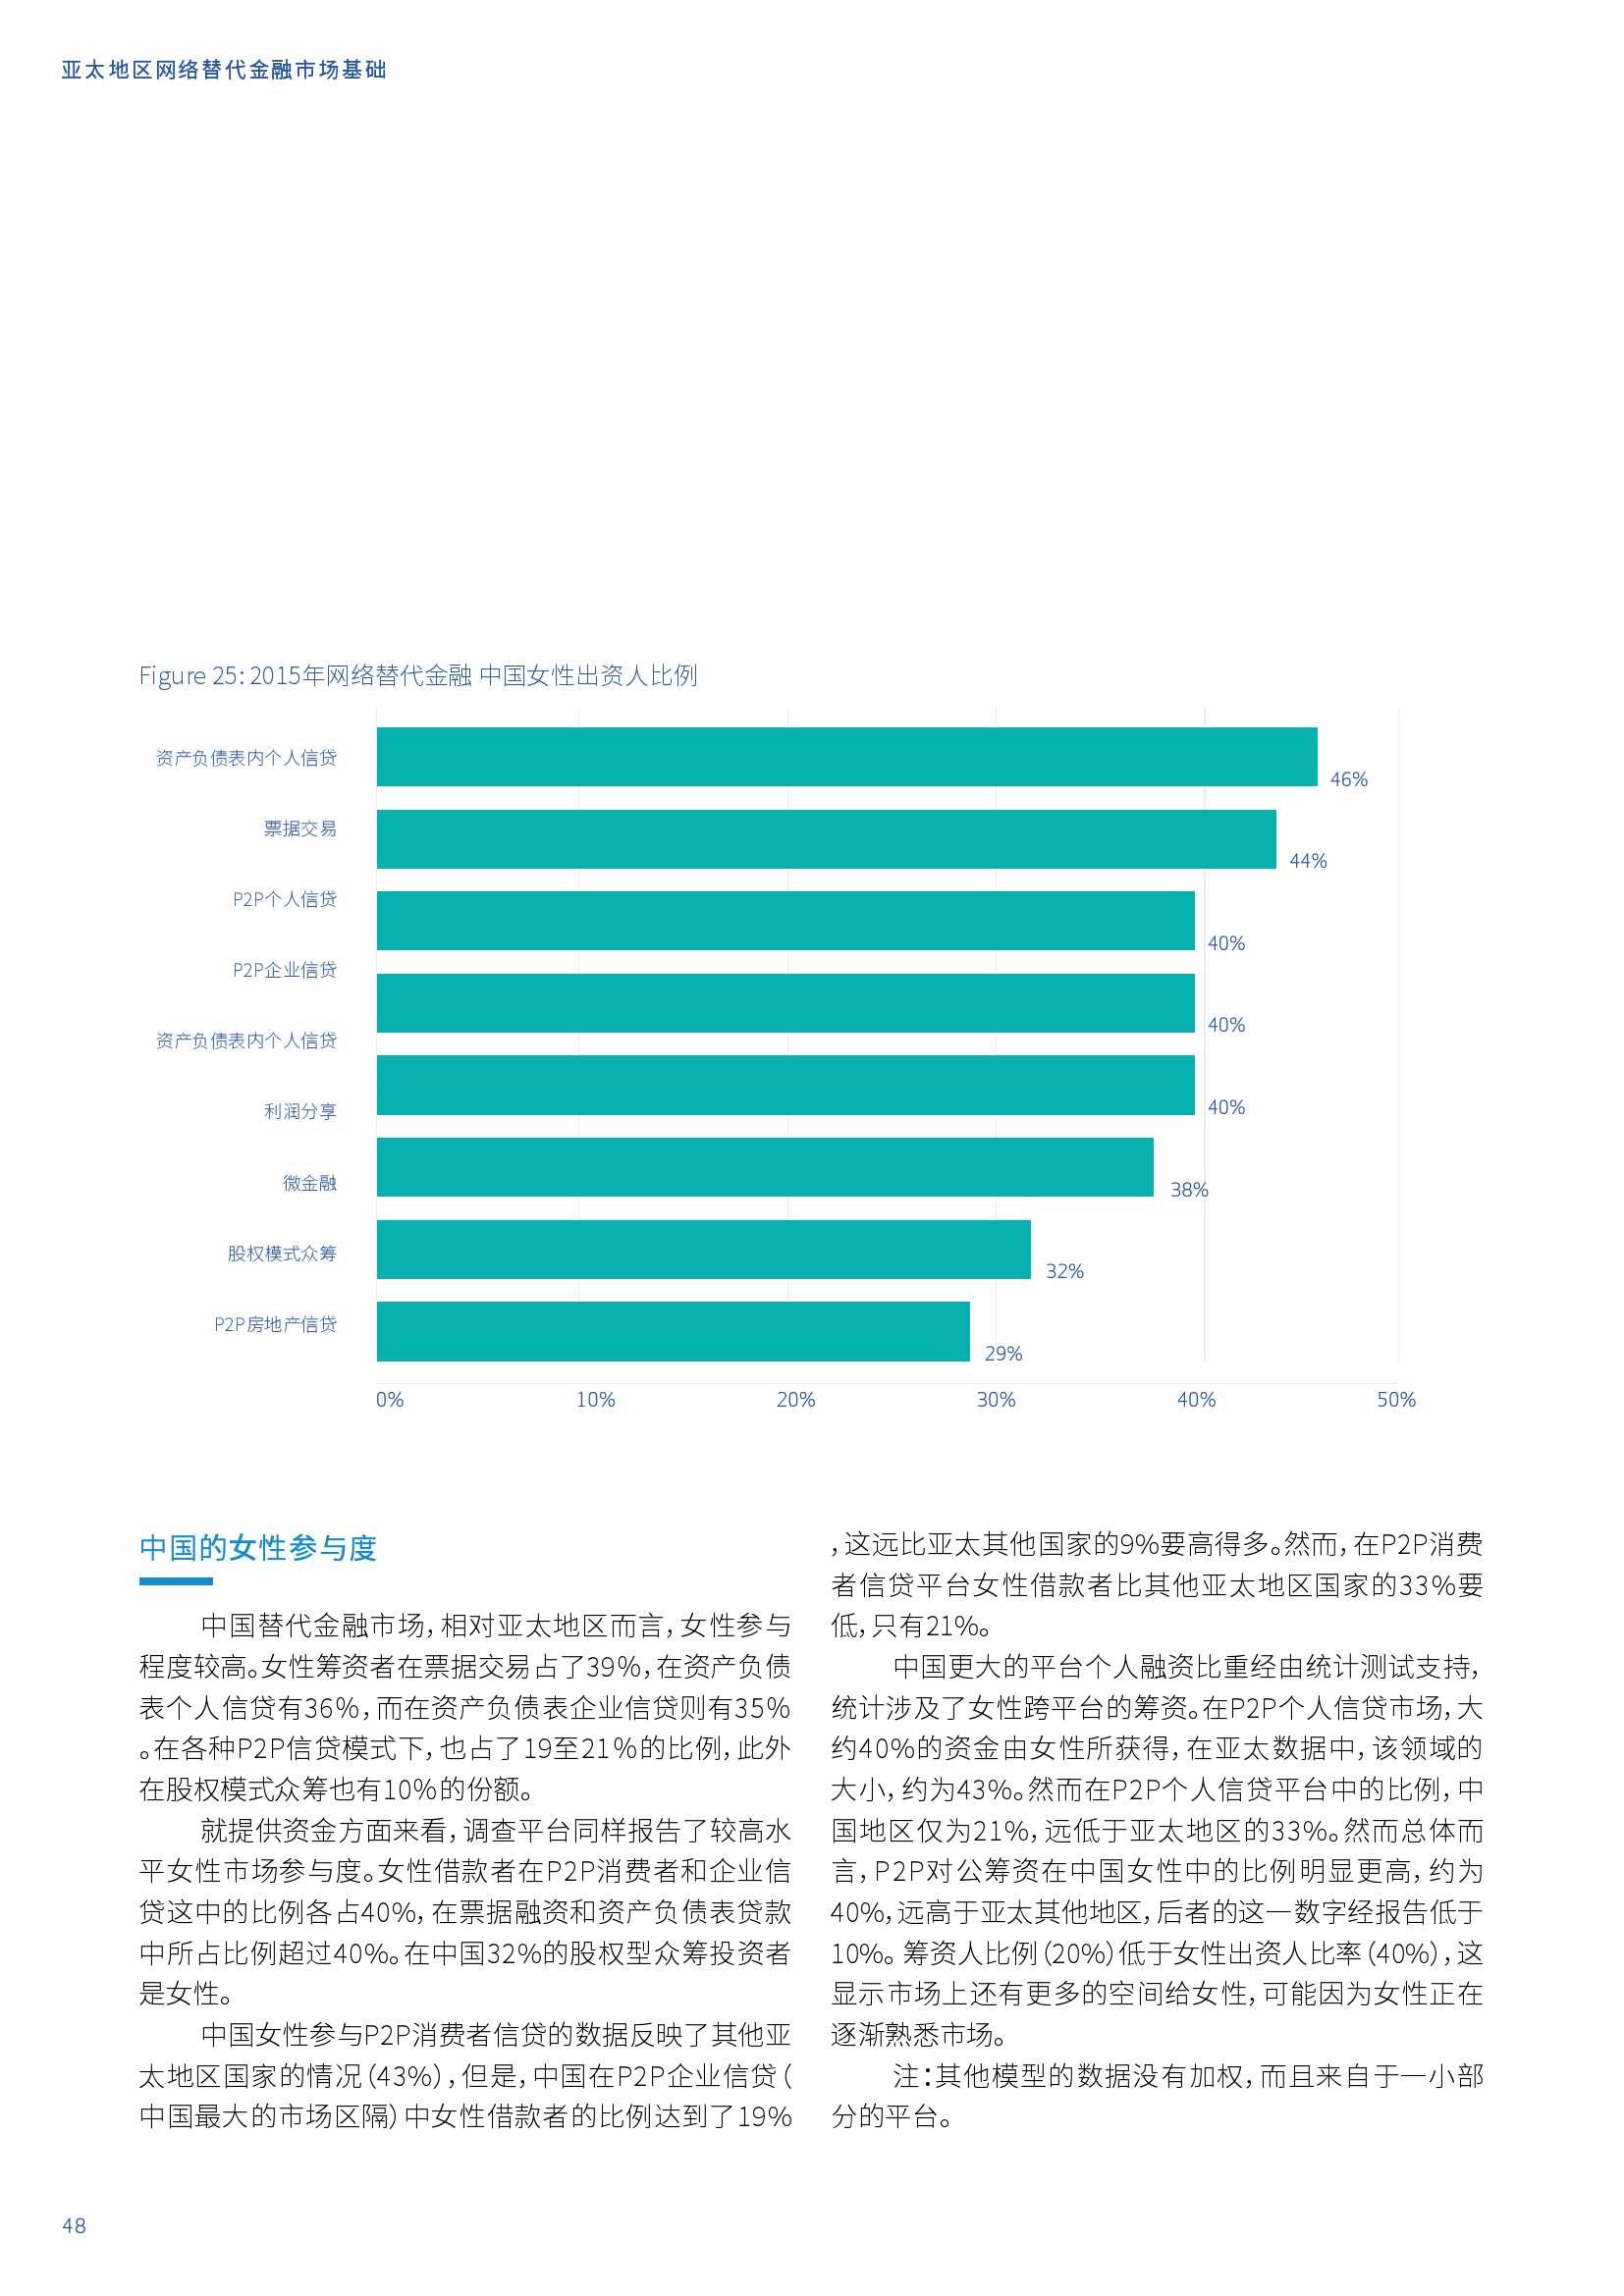 亚太地区网络替代金融基准报告_000048